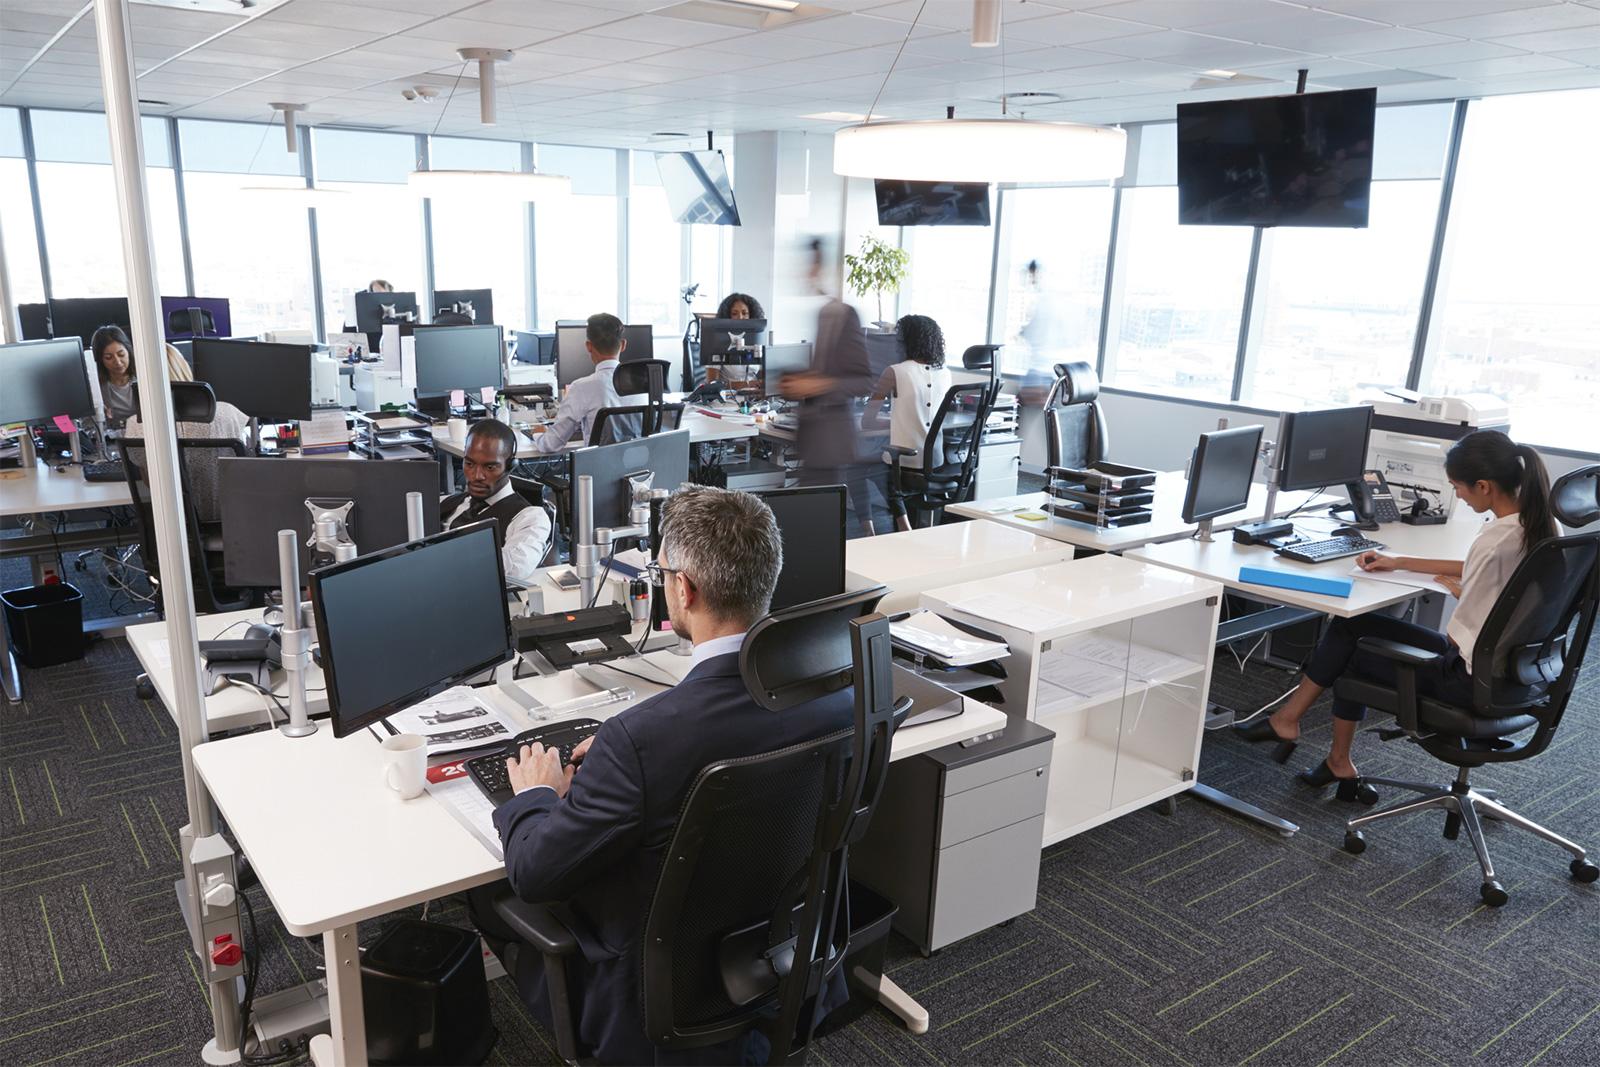 Le bureau moderne un mobilier ergonomique pour un maximum de